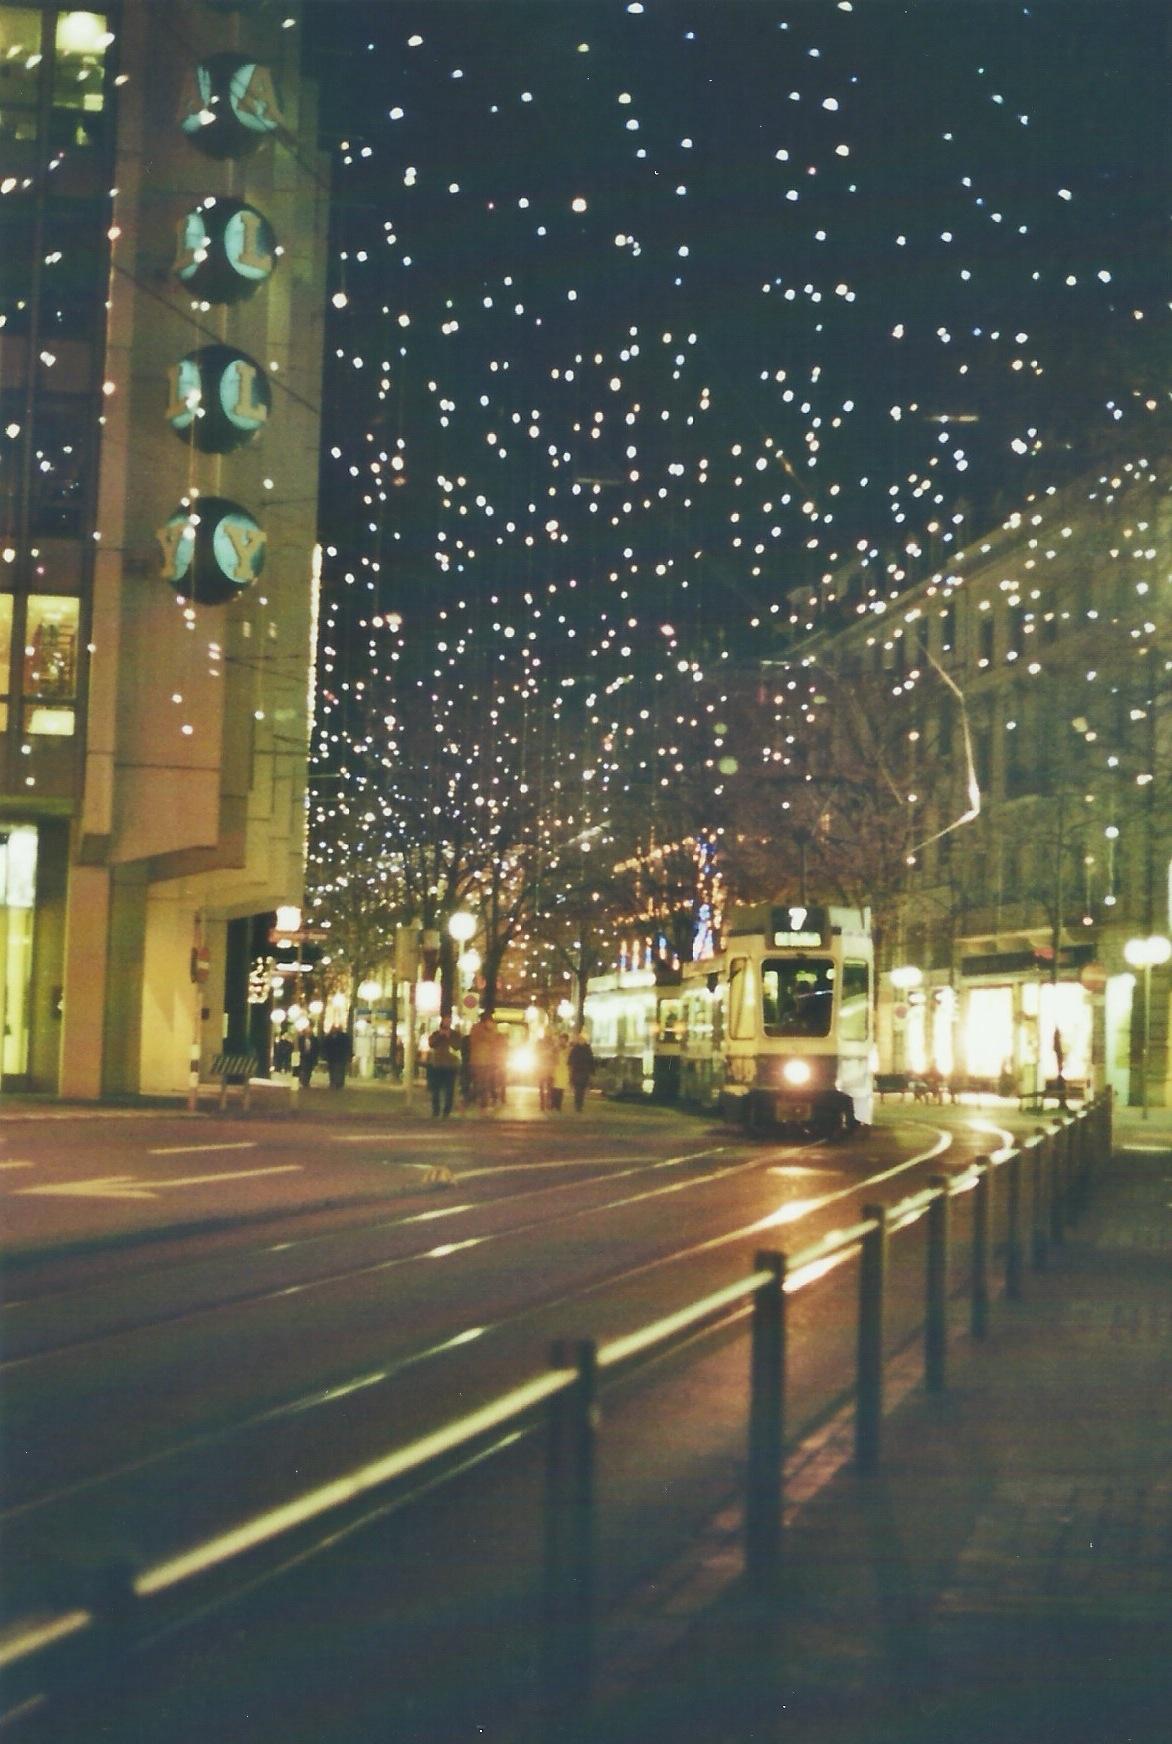 Zürich ganz Weihnachtlich mit Lucy. Besser und schöner als dieses trübe Wetter das momentan in Zürich herrscht.